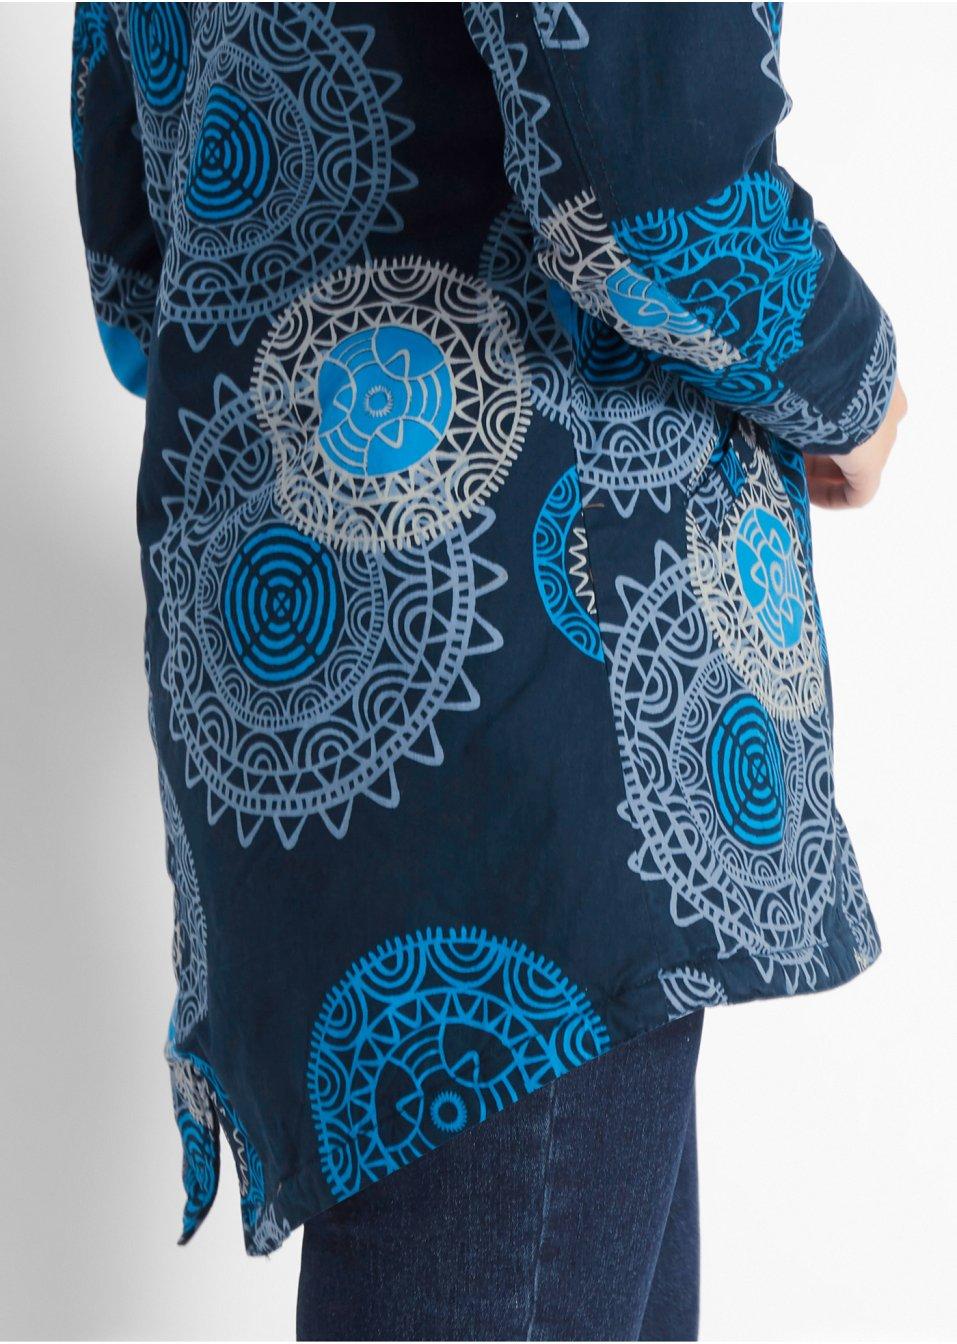 Mode Femme Vêtements DJLfdOFlkj Parka imprimée à capuche bleu foncé imprimé bpc  collection commande online .fr